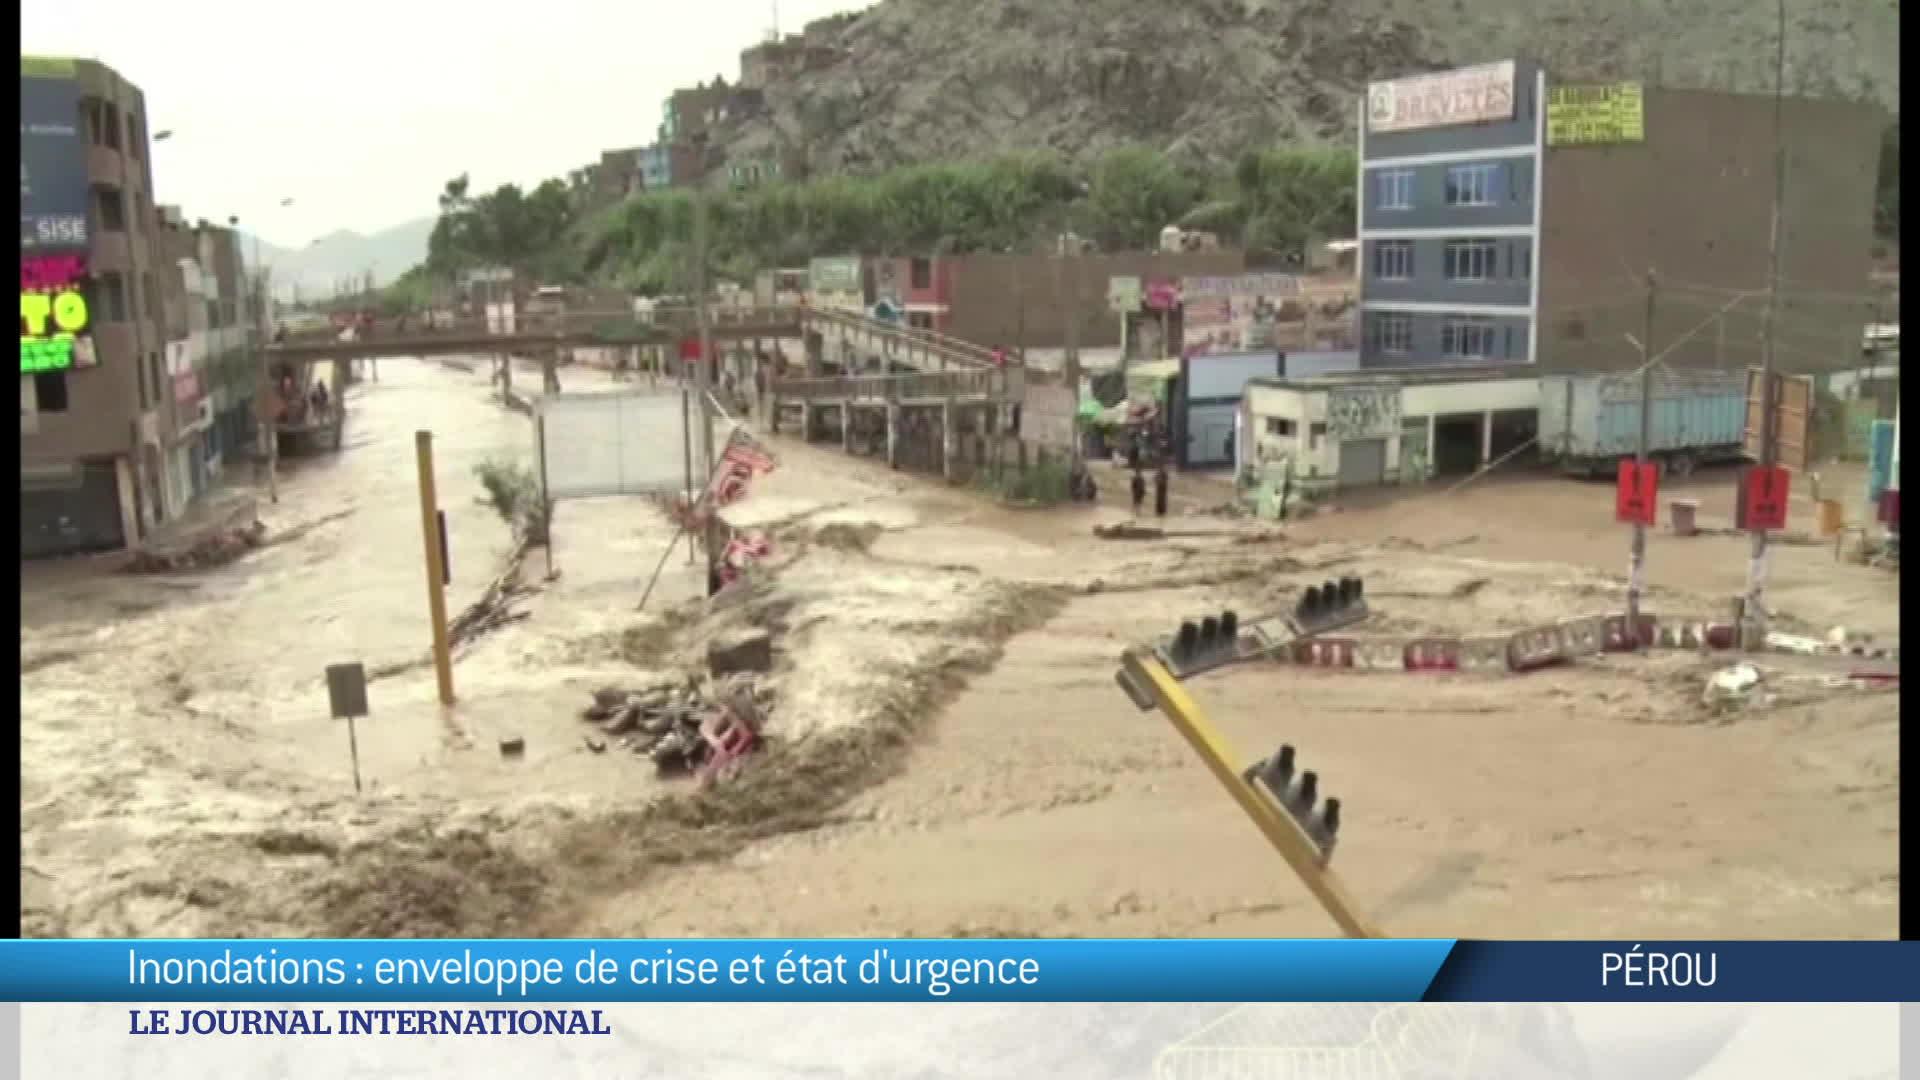 Pérou : inondations mortelles